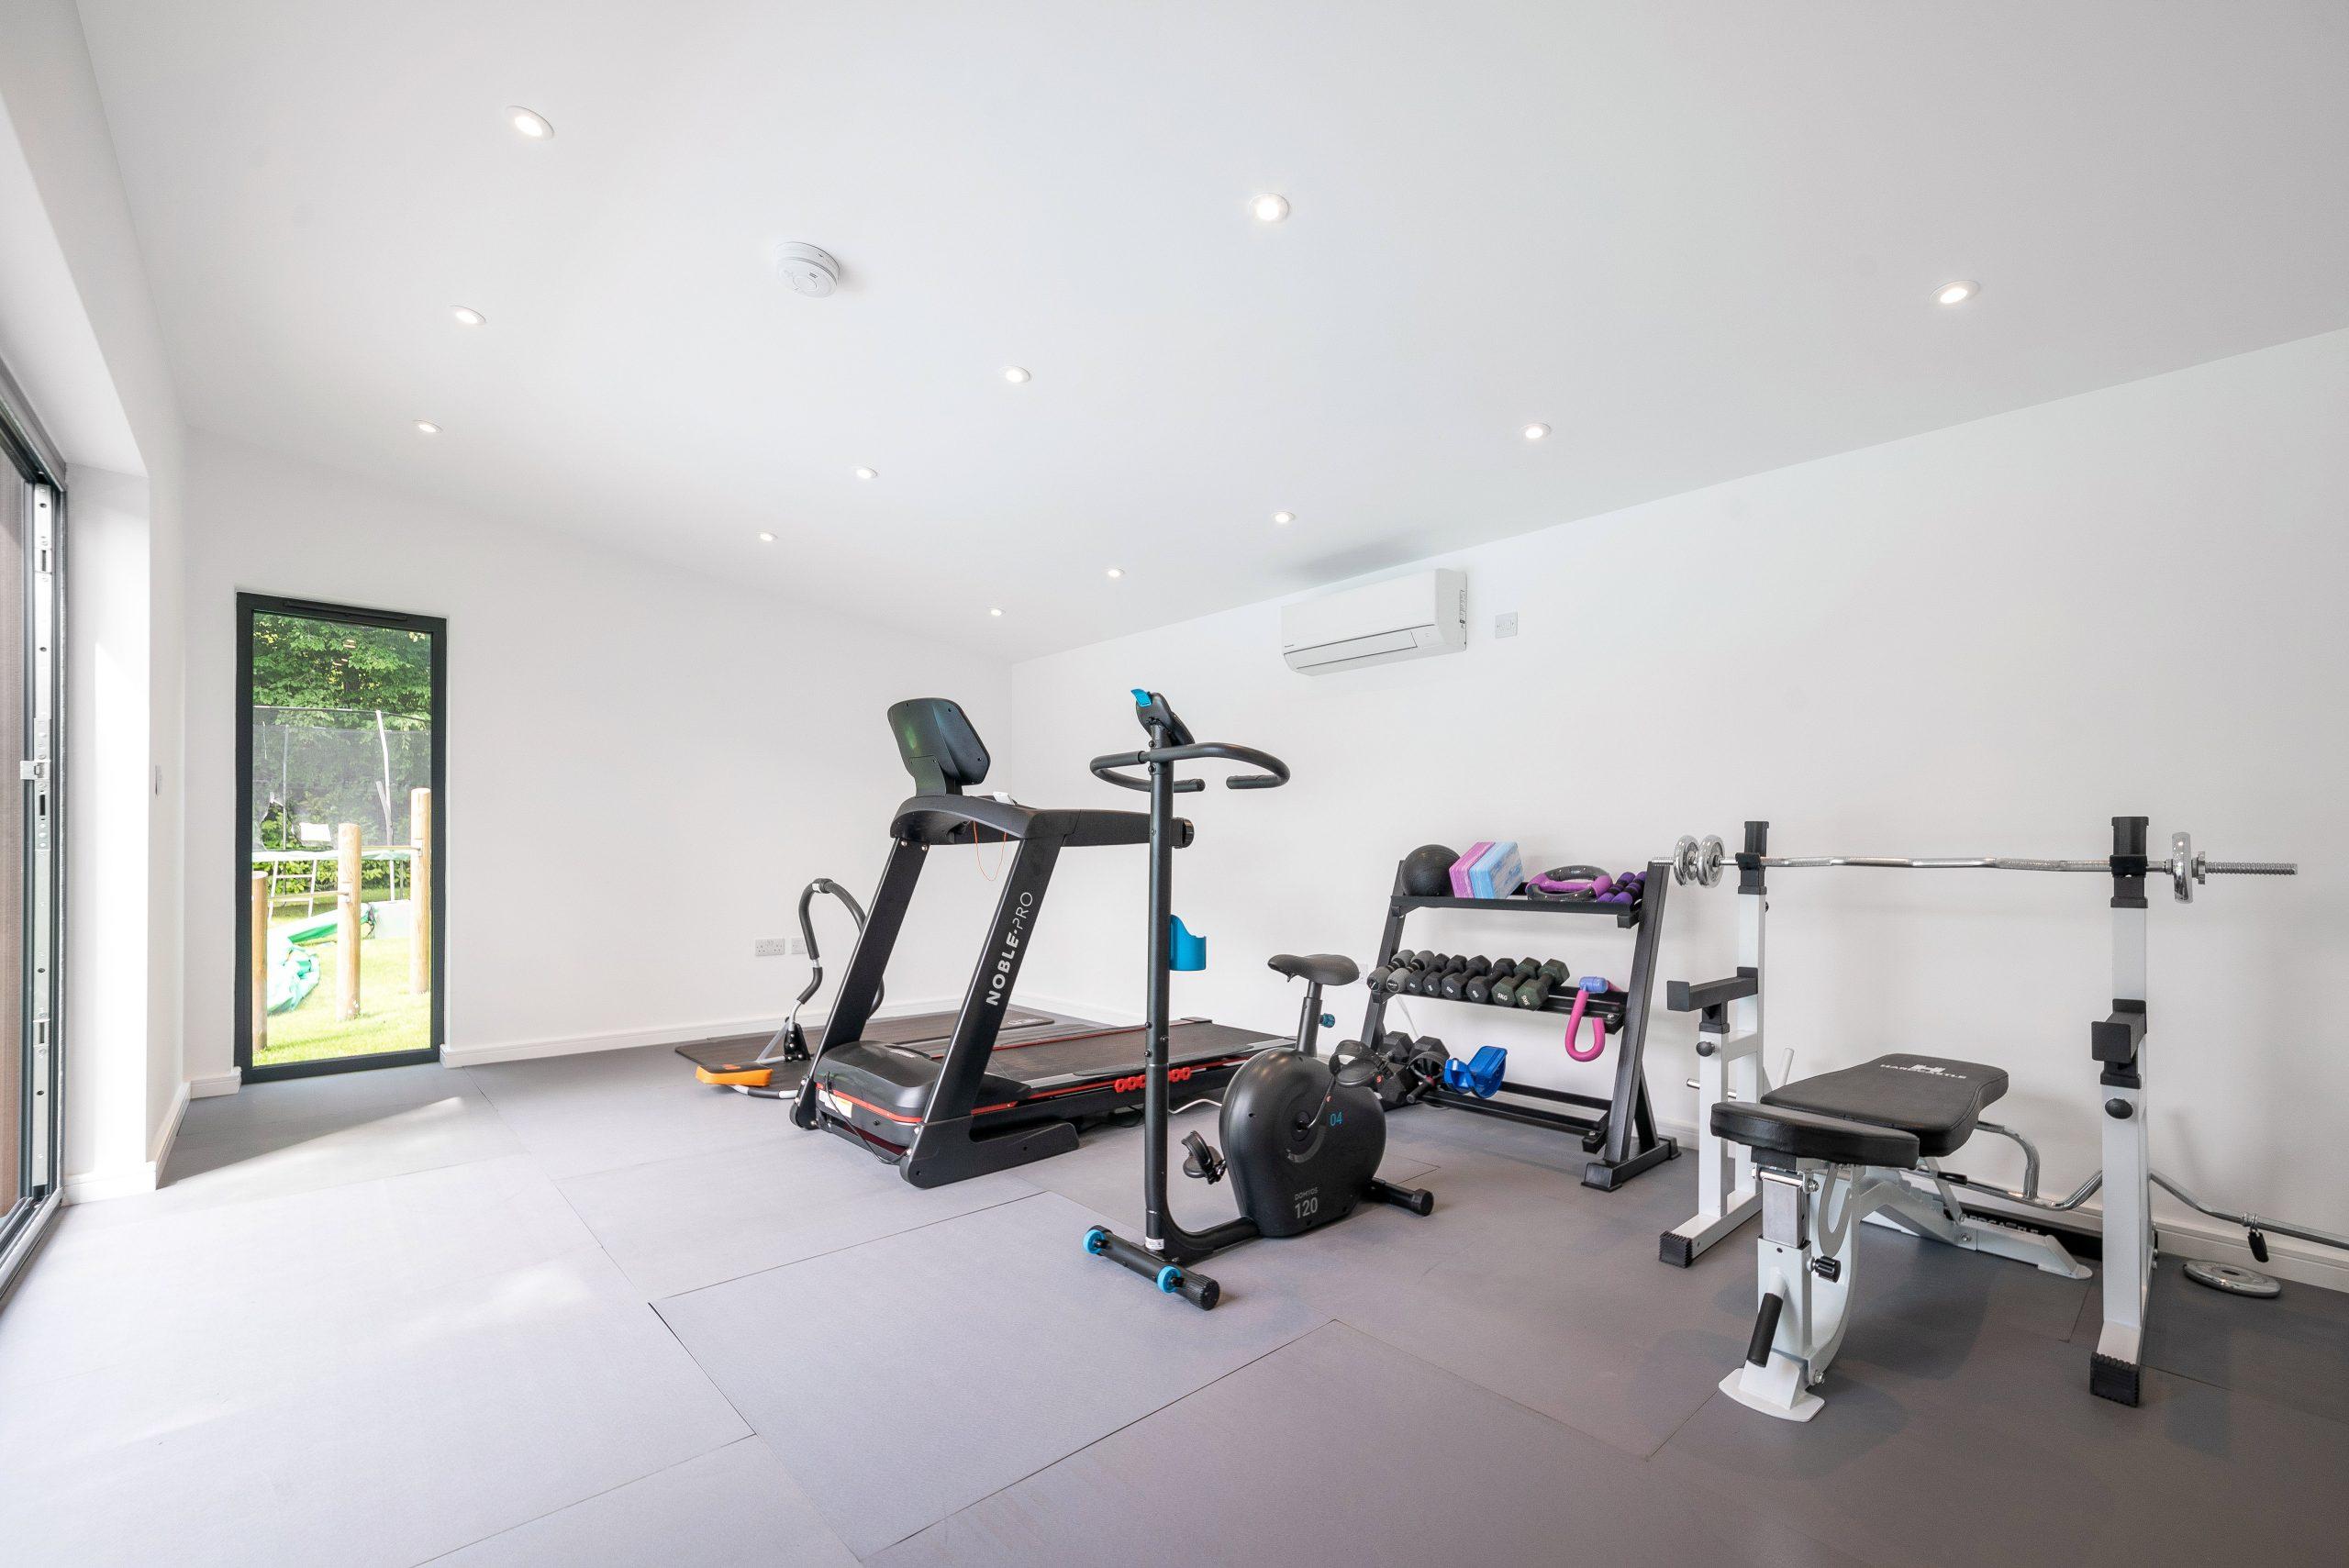 Contemporary garden gym studio in Essex